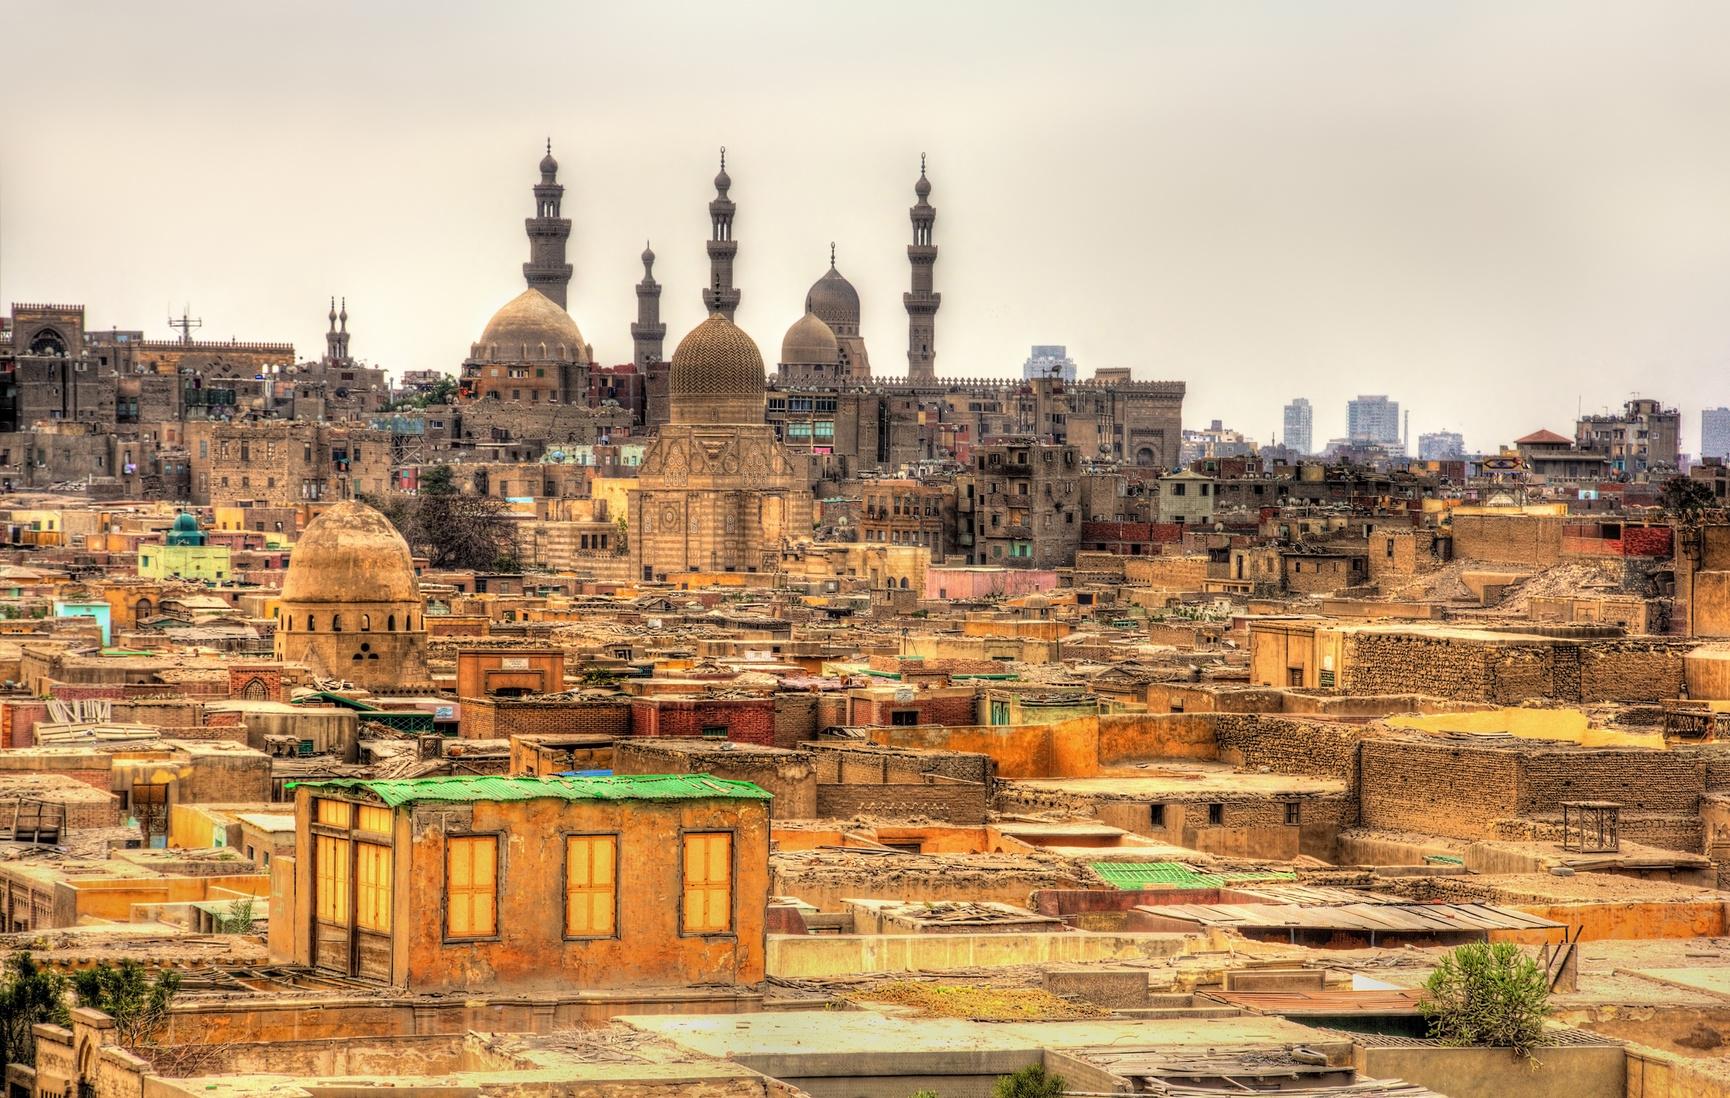 Bab El-Wazir cmentarz w Kairze